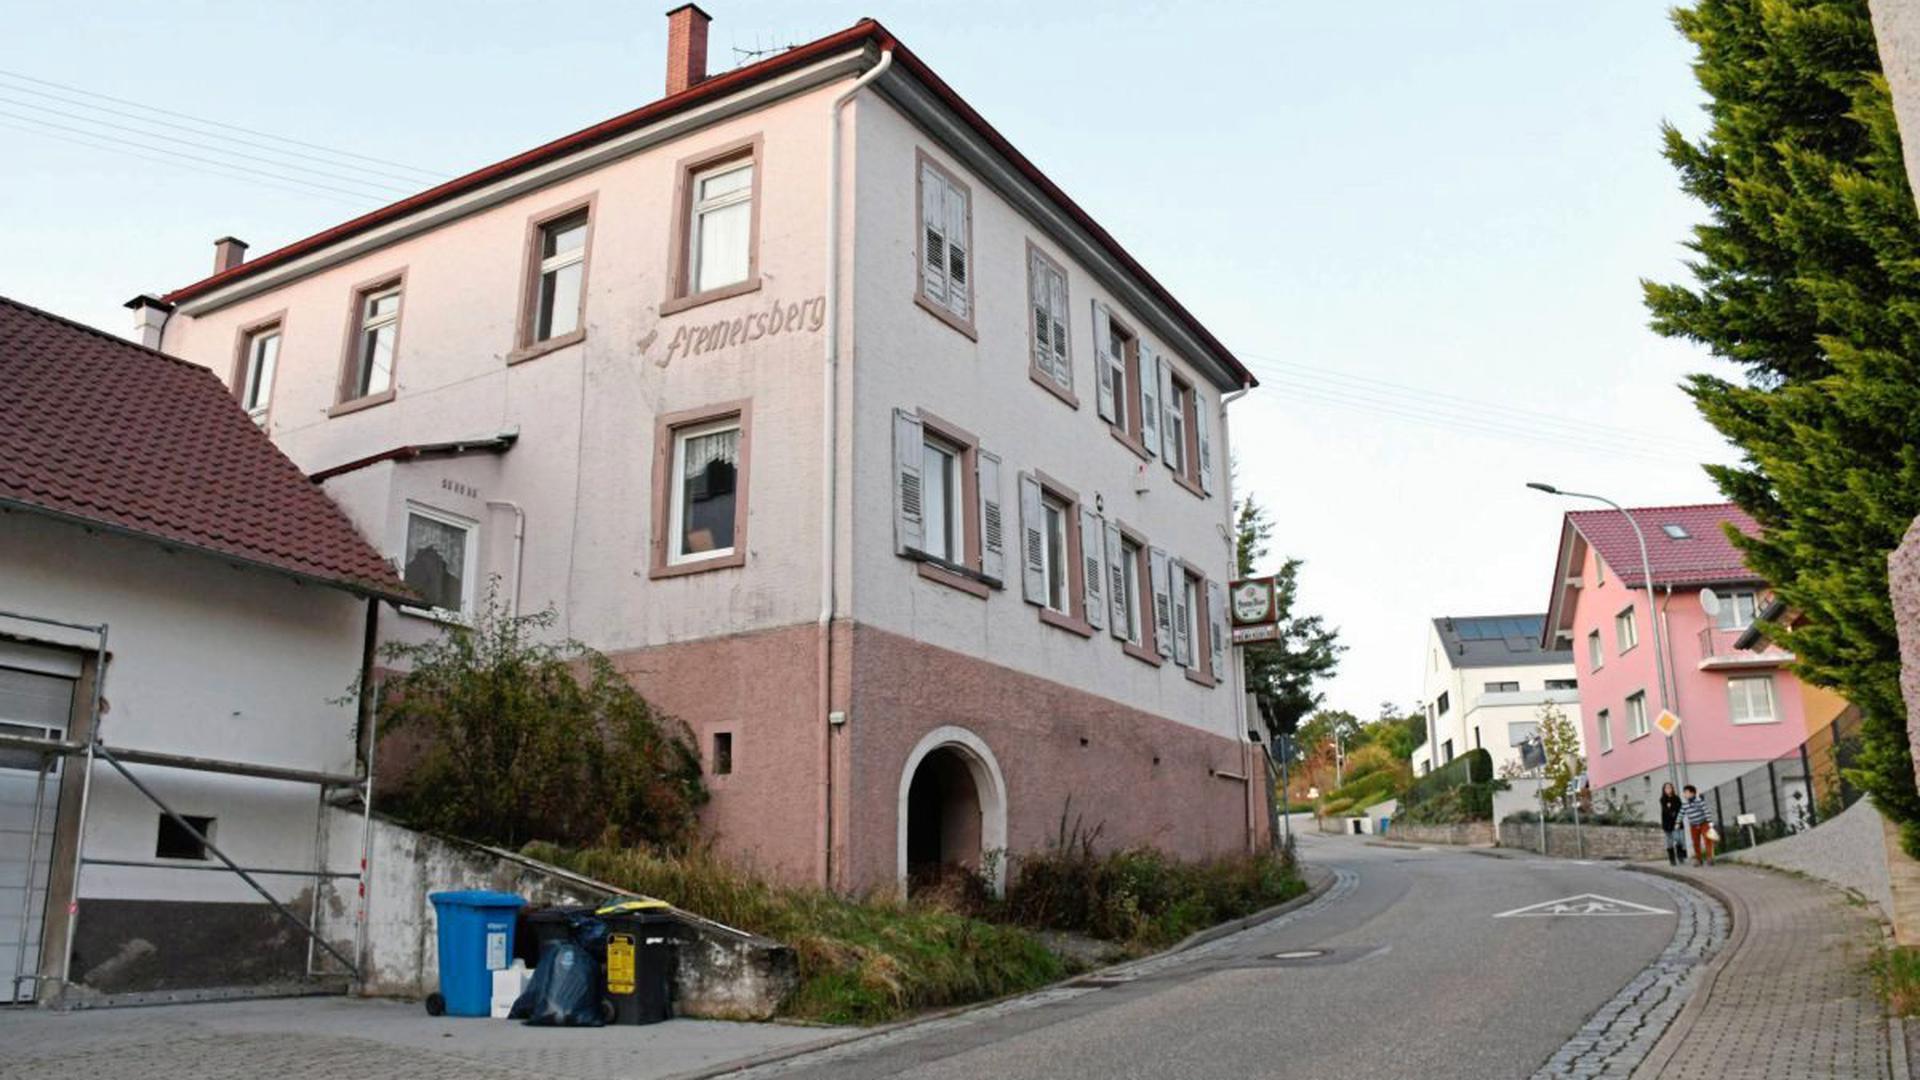 """Markantes Haus an prägnanter Stelle: as Gasthaus """"Zum Fremersberg"""" steht aus Baden-Baden kommend direkt am Ortseingang von Varnhalt. Unklar ist, wie es mit der leerstehenden Immobilie nun weitergehen soll."""